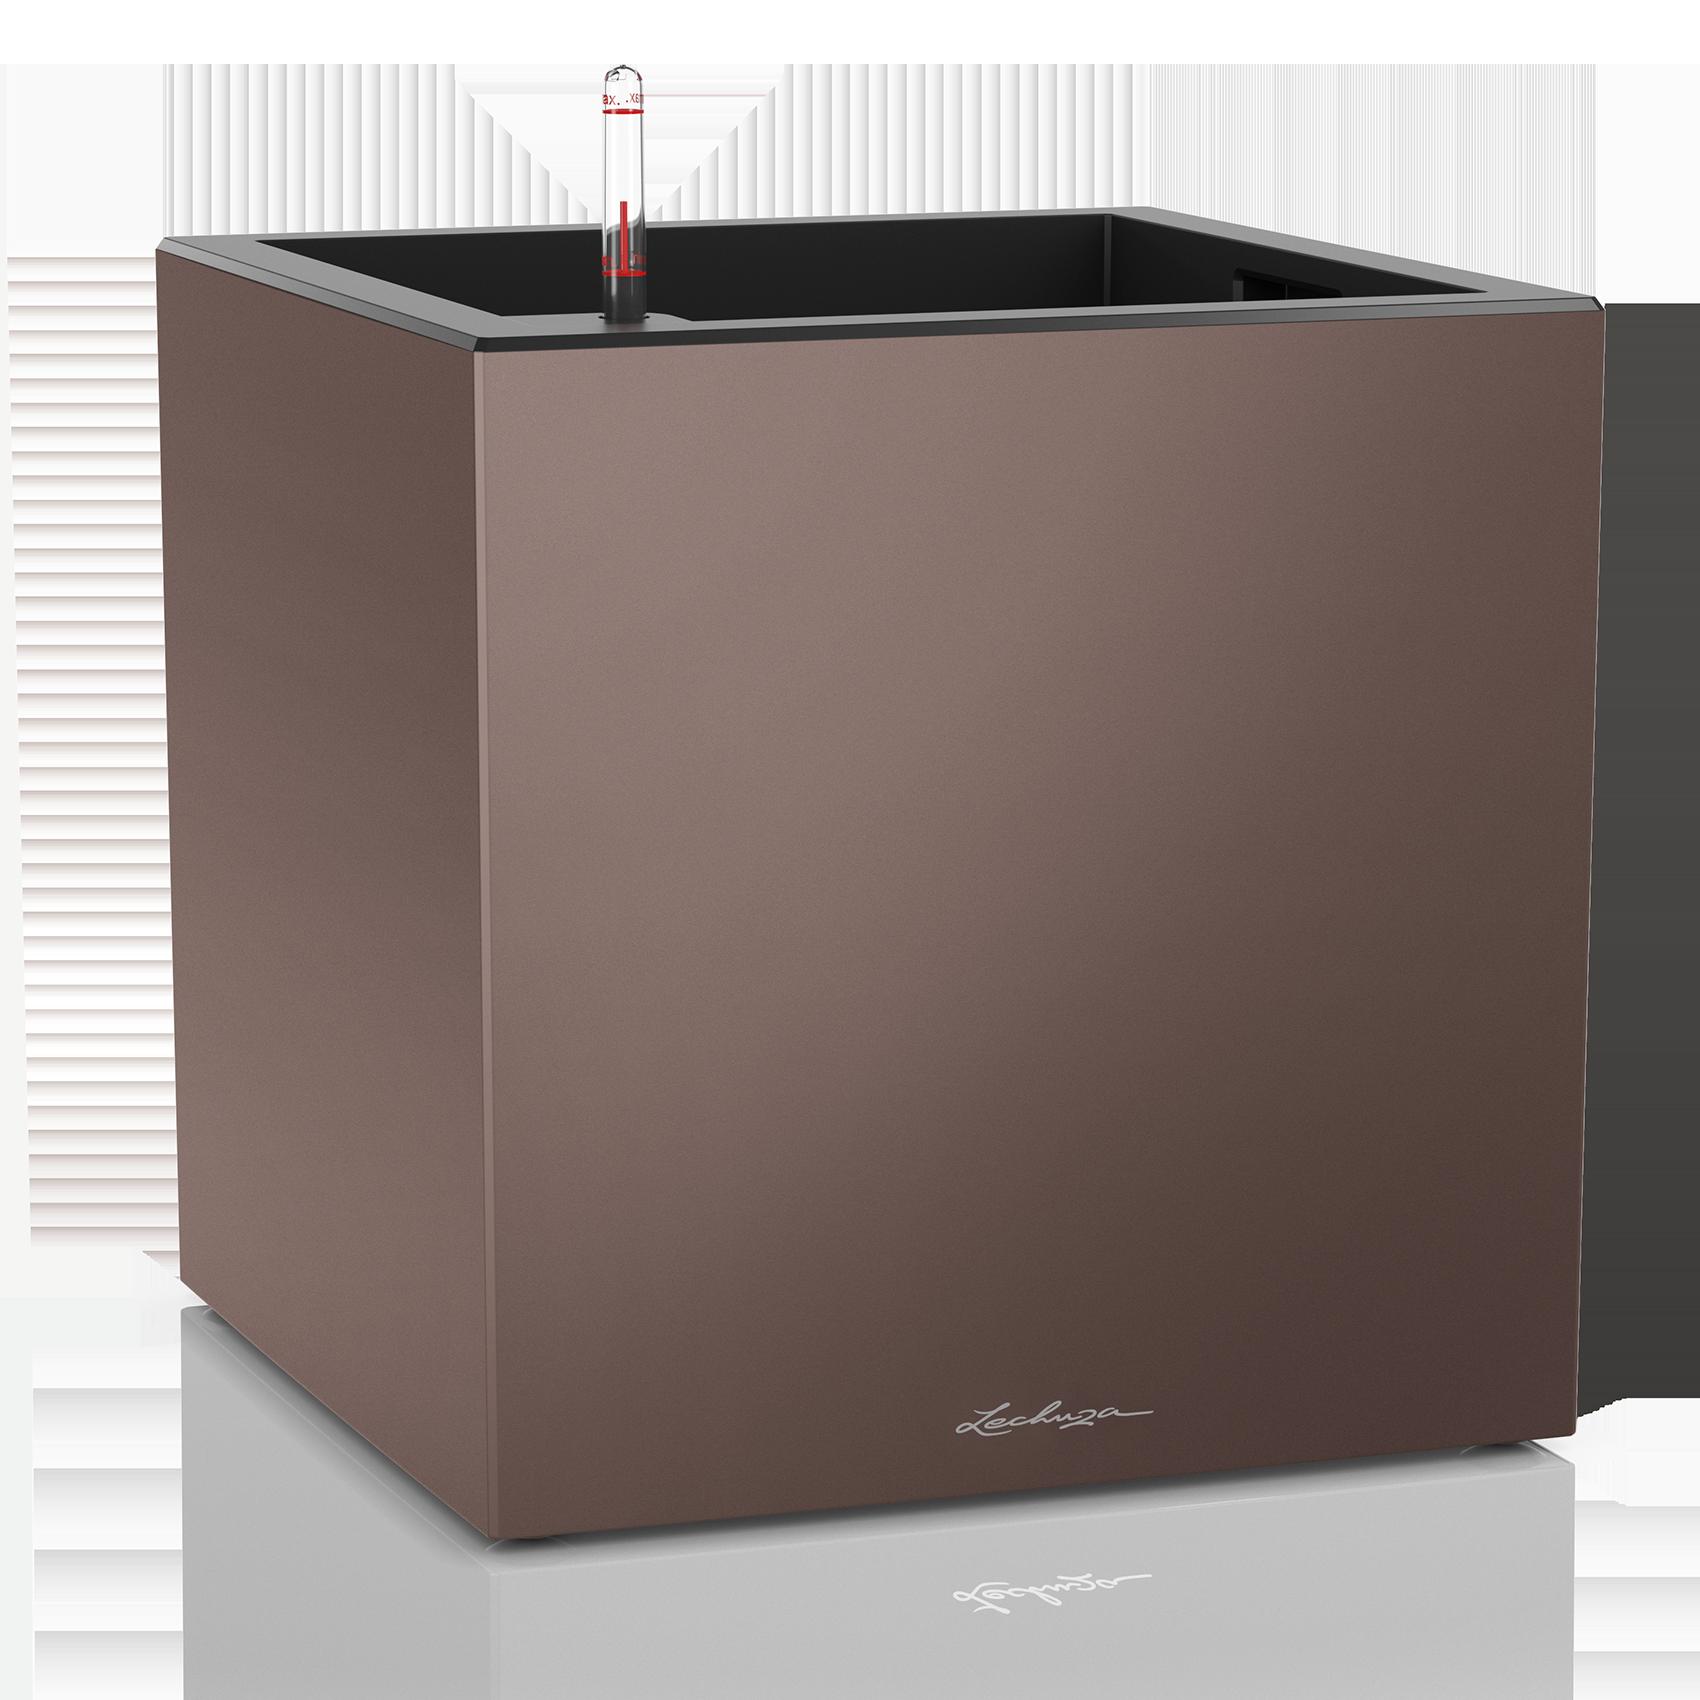 CANTO Cube 40 espresso metallic